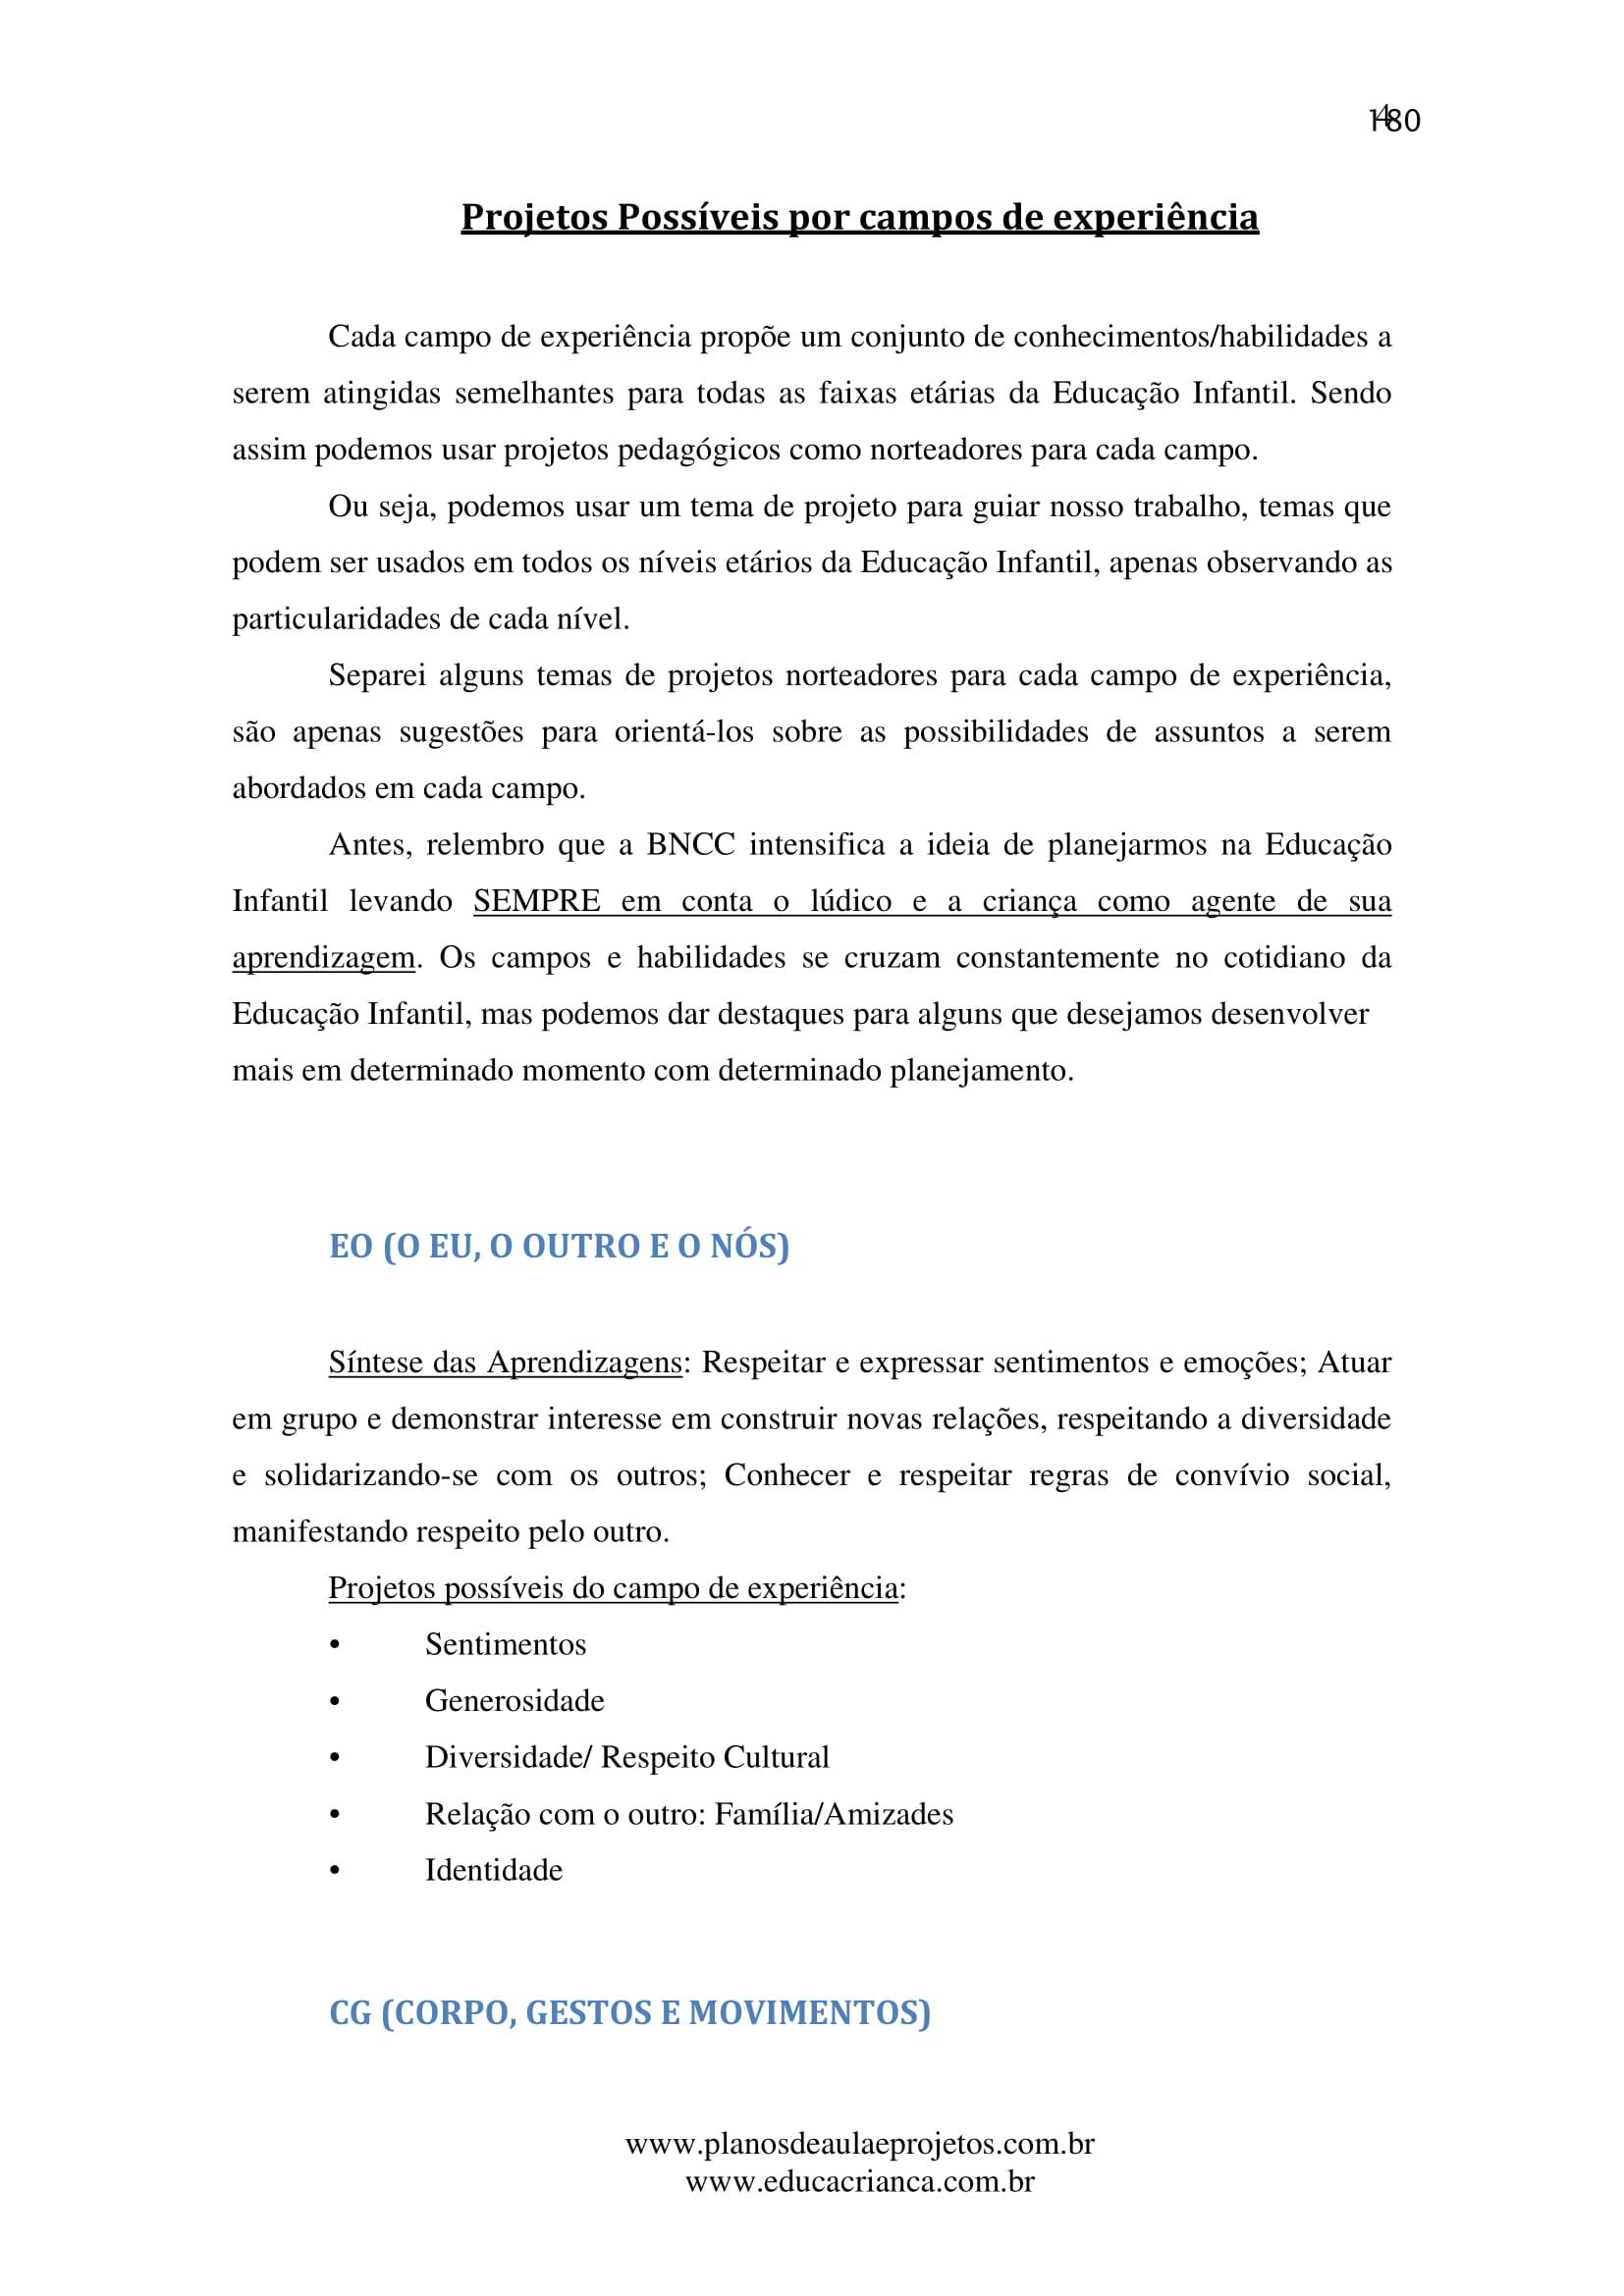 planejamento-educação-infantil-bncc-geral-210